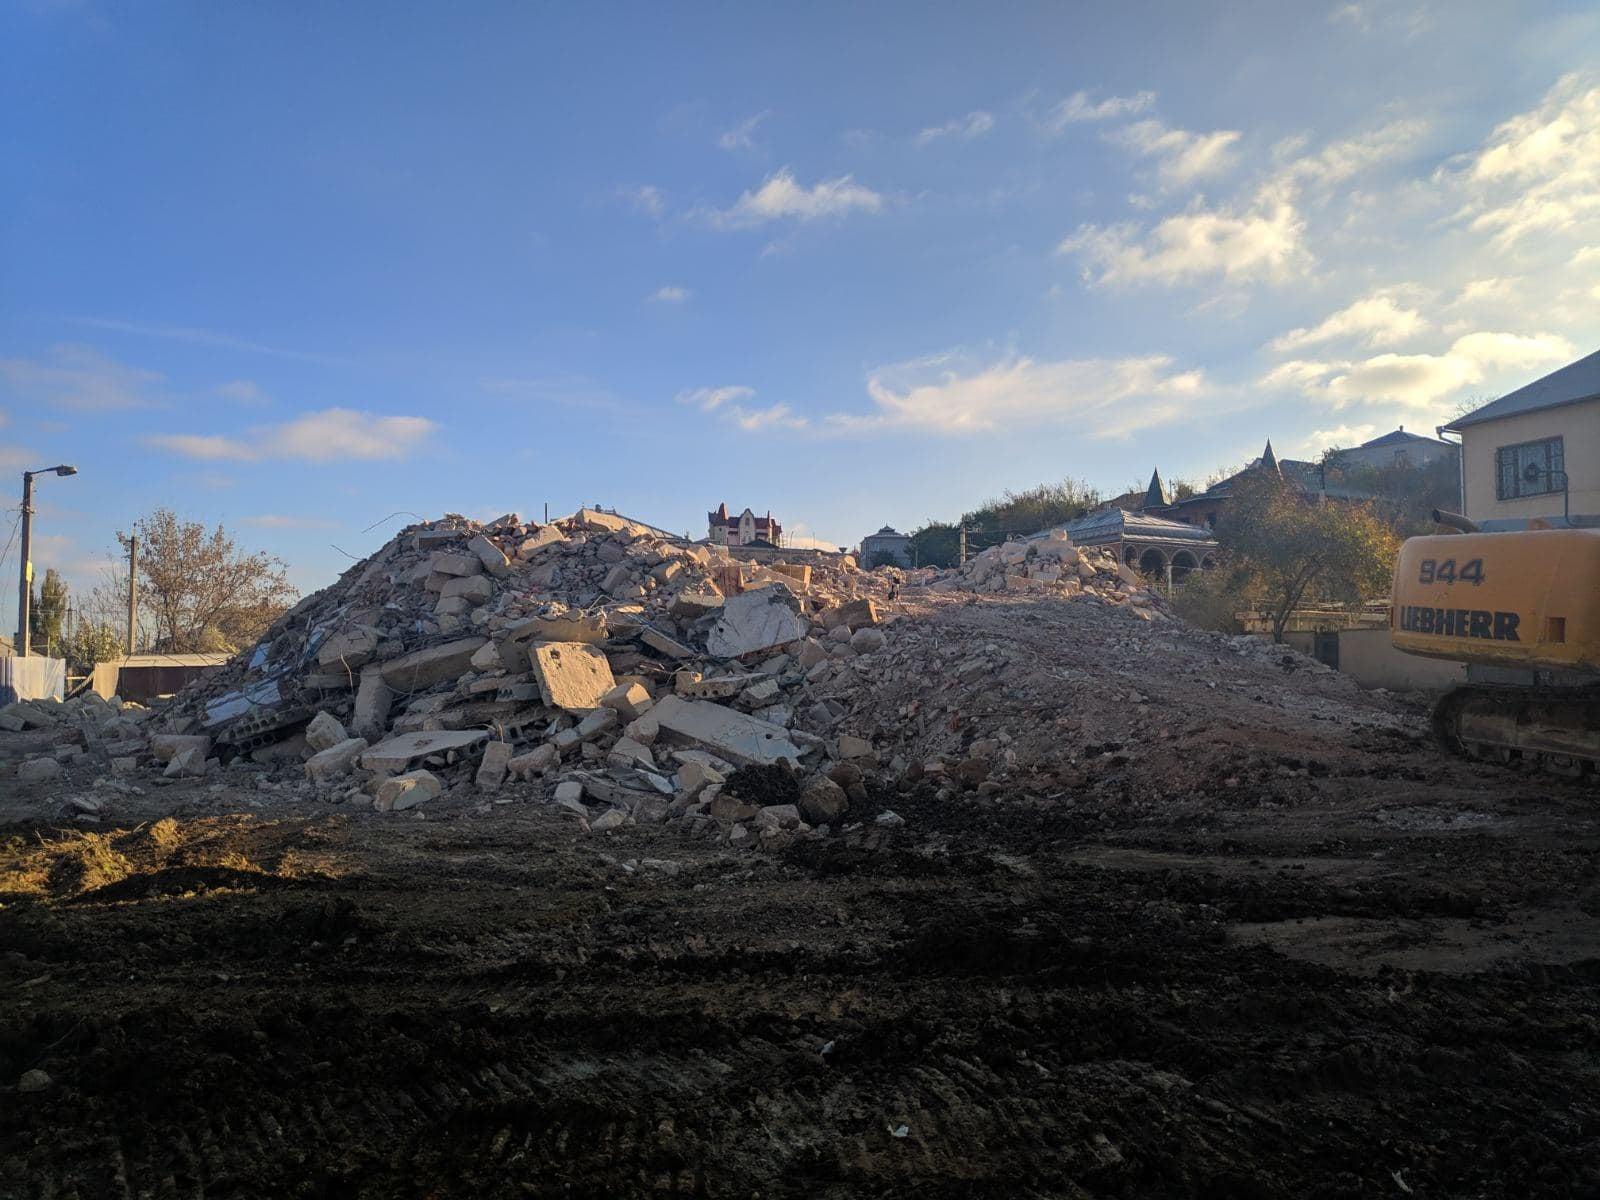 ВАтаках полностью снесли полуразрушенный многоэтажный дом (ФОТО)